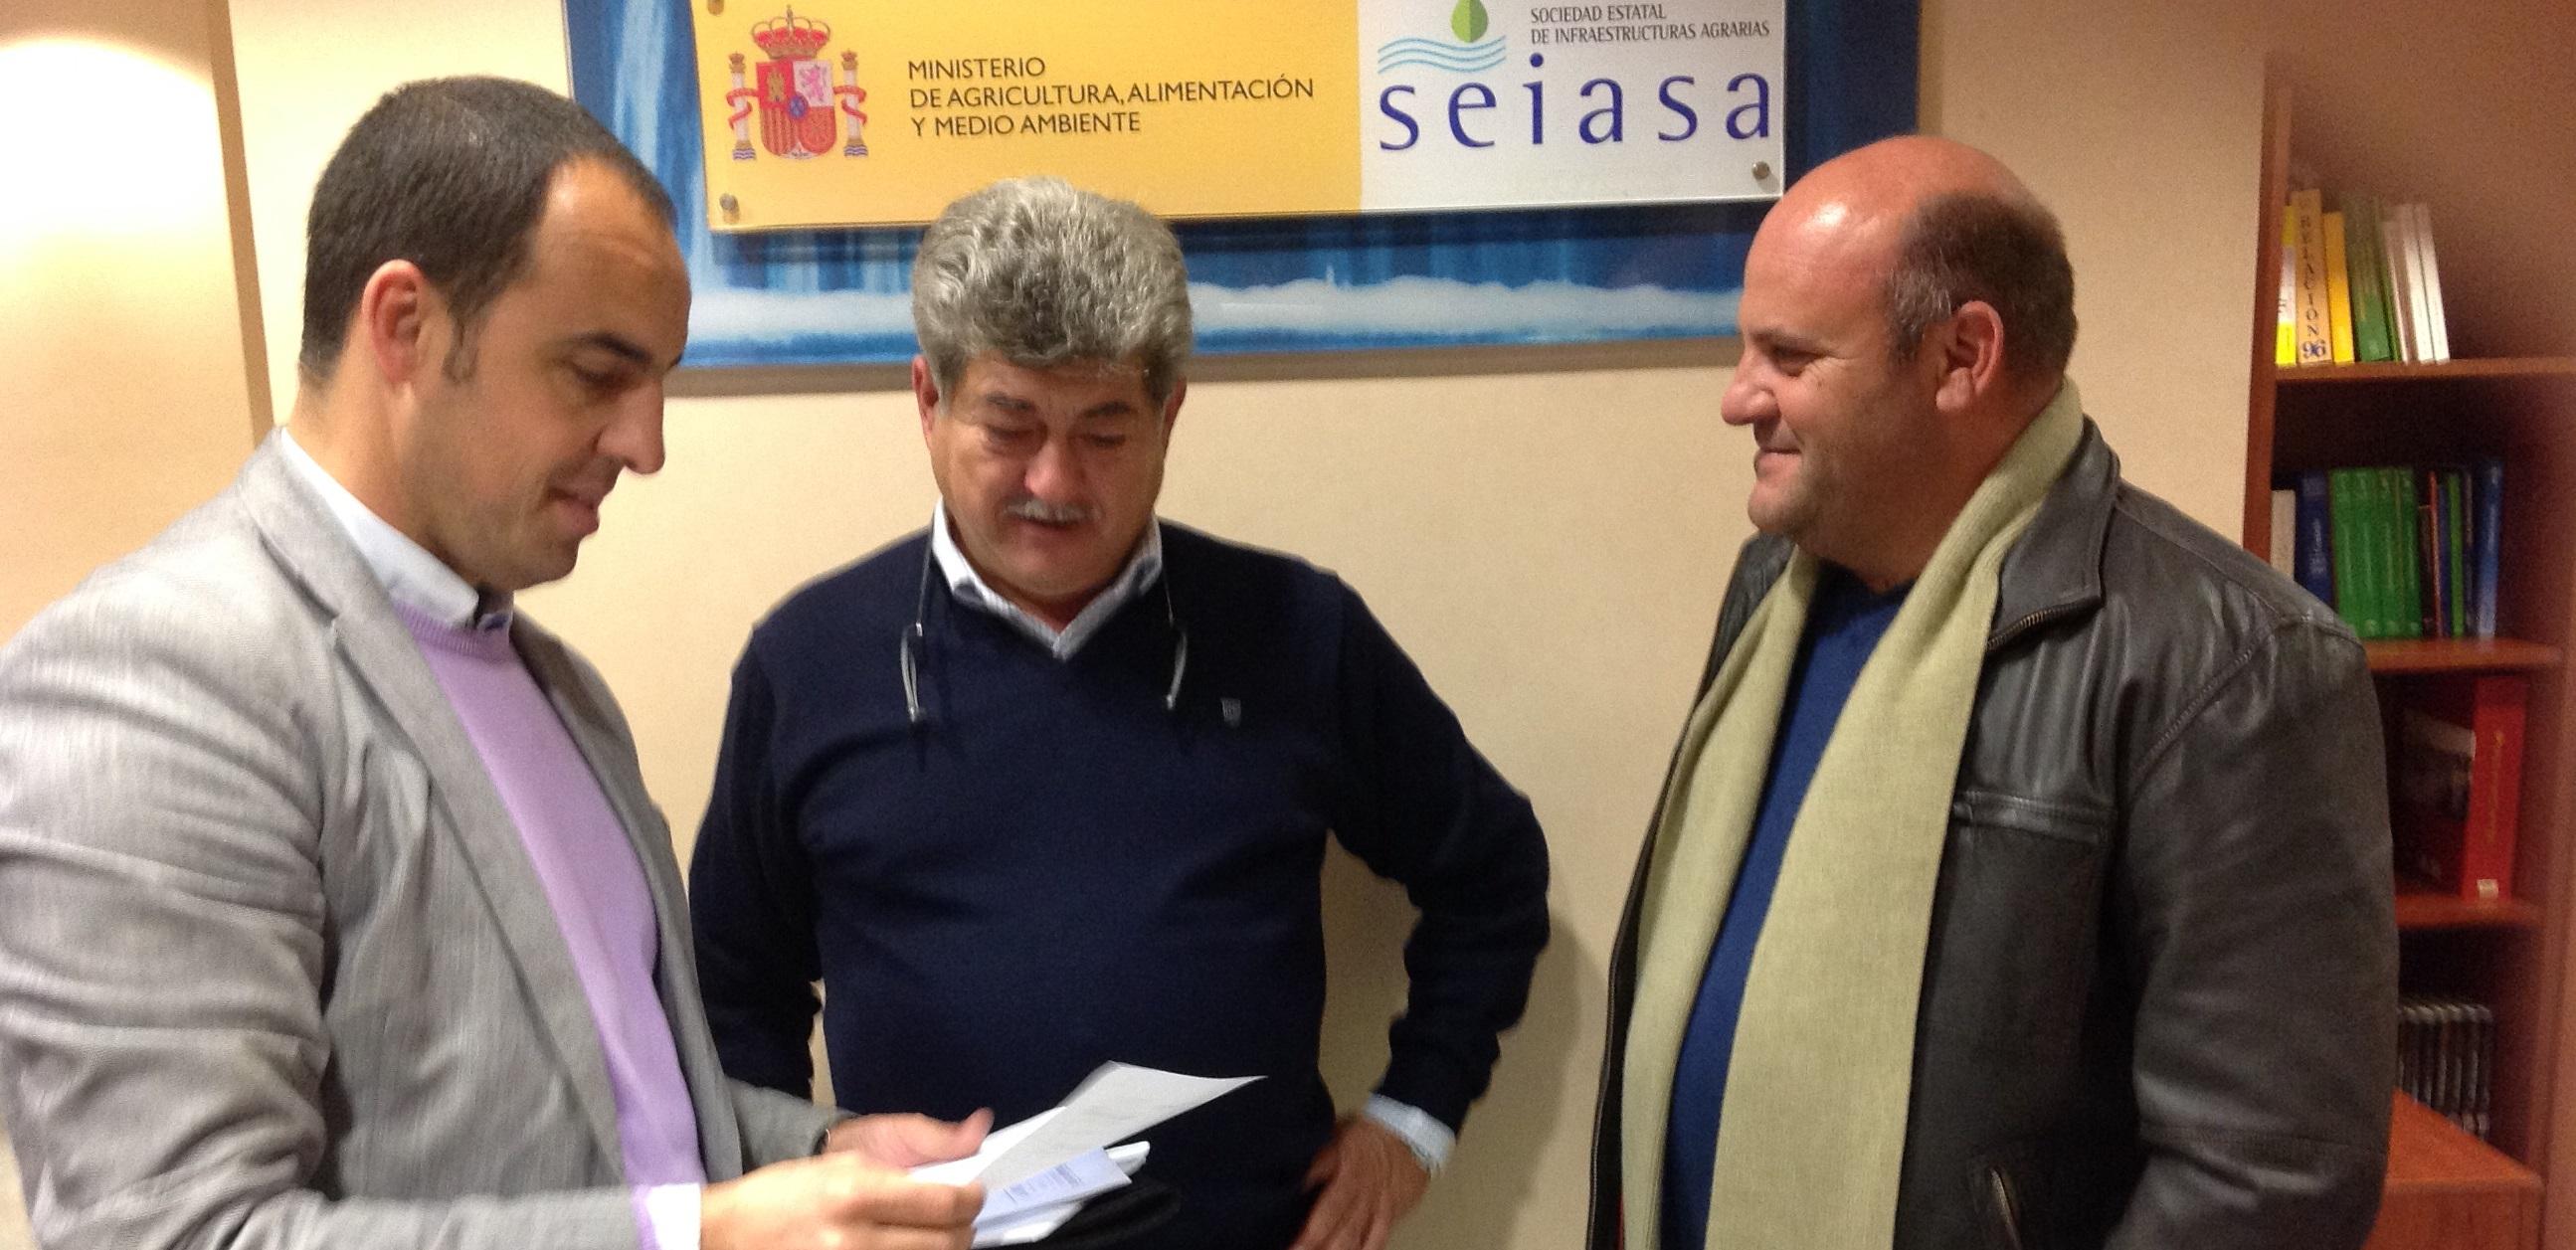 REGANTES Y CONCEJAL DE AGRICULTURA EN SEIASA DE SEVILLA 14 2